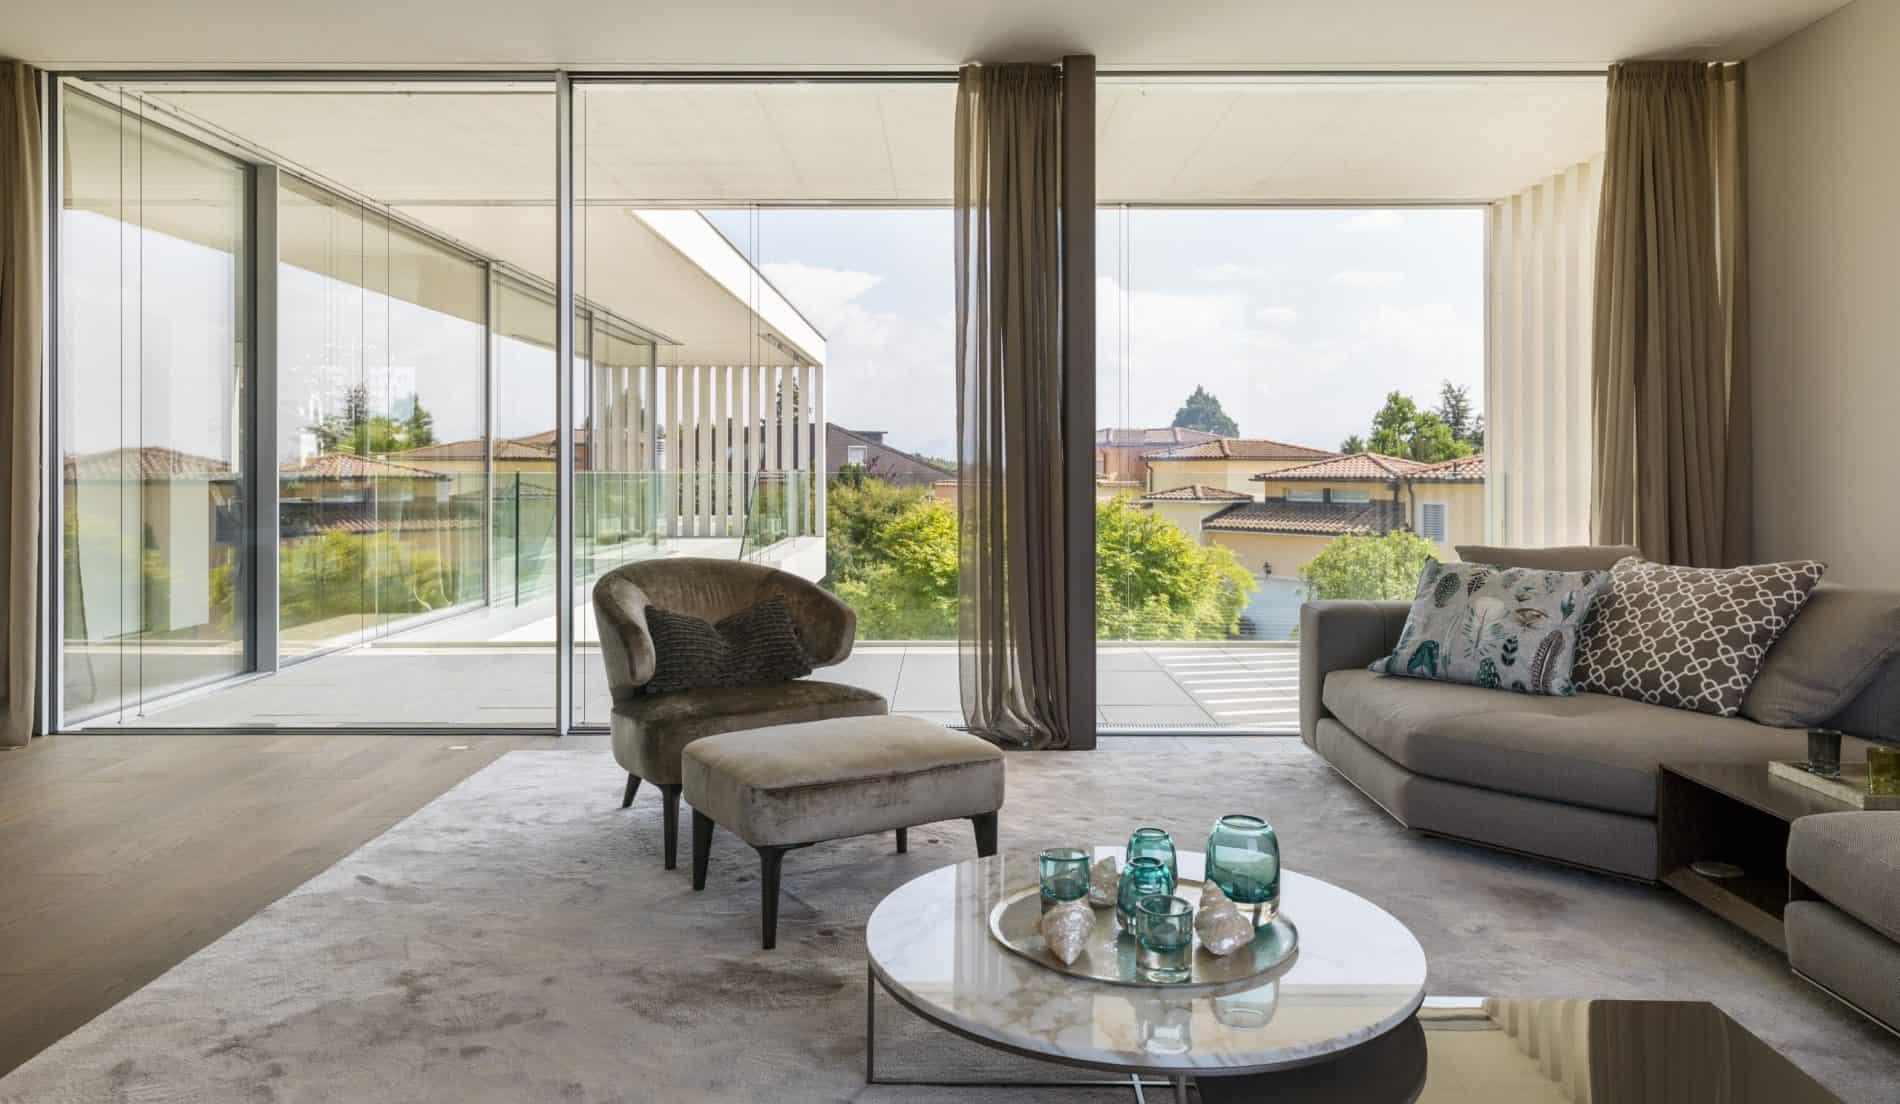 Haus im Aargau_High Res_8541- 740x430